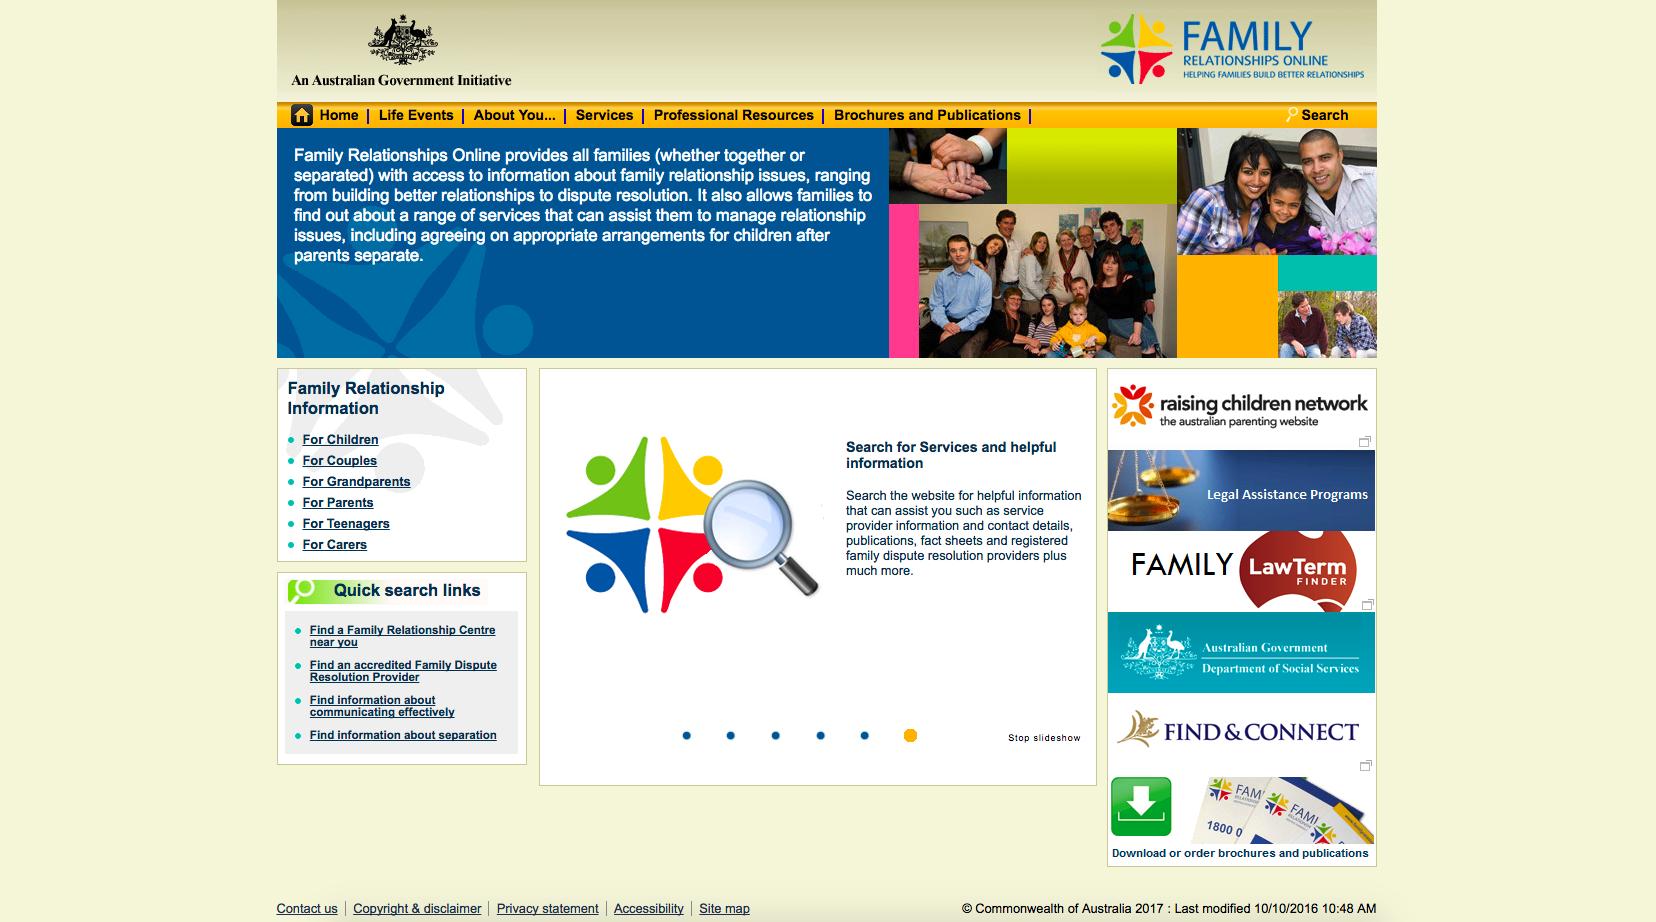 Family Relationships Online